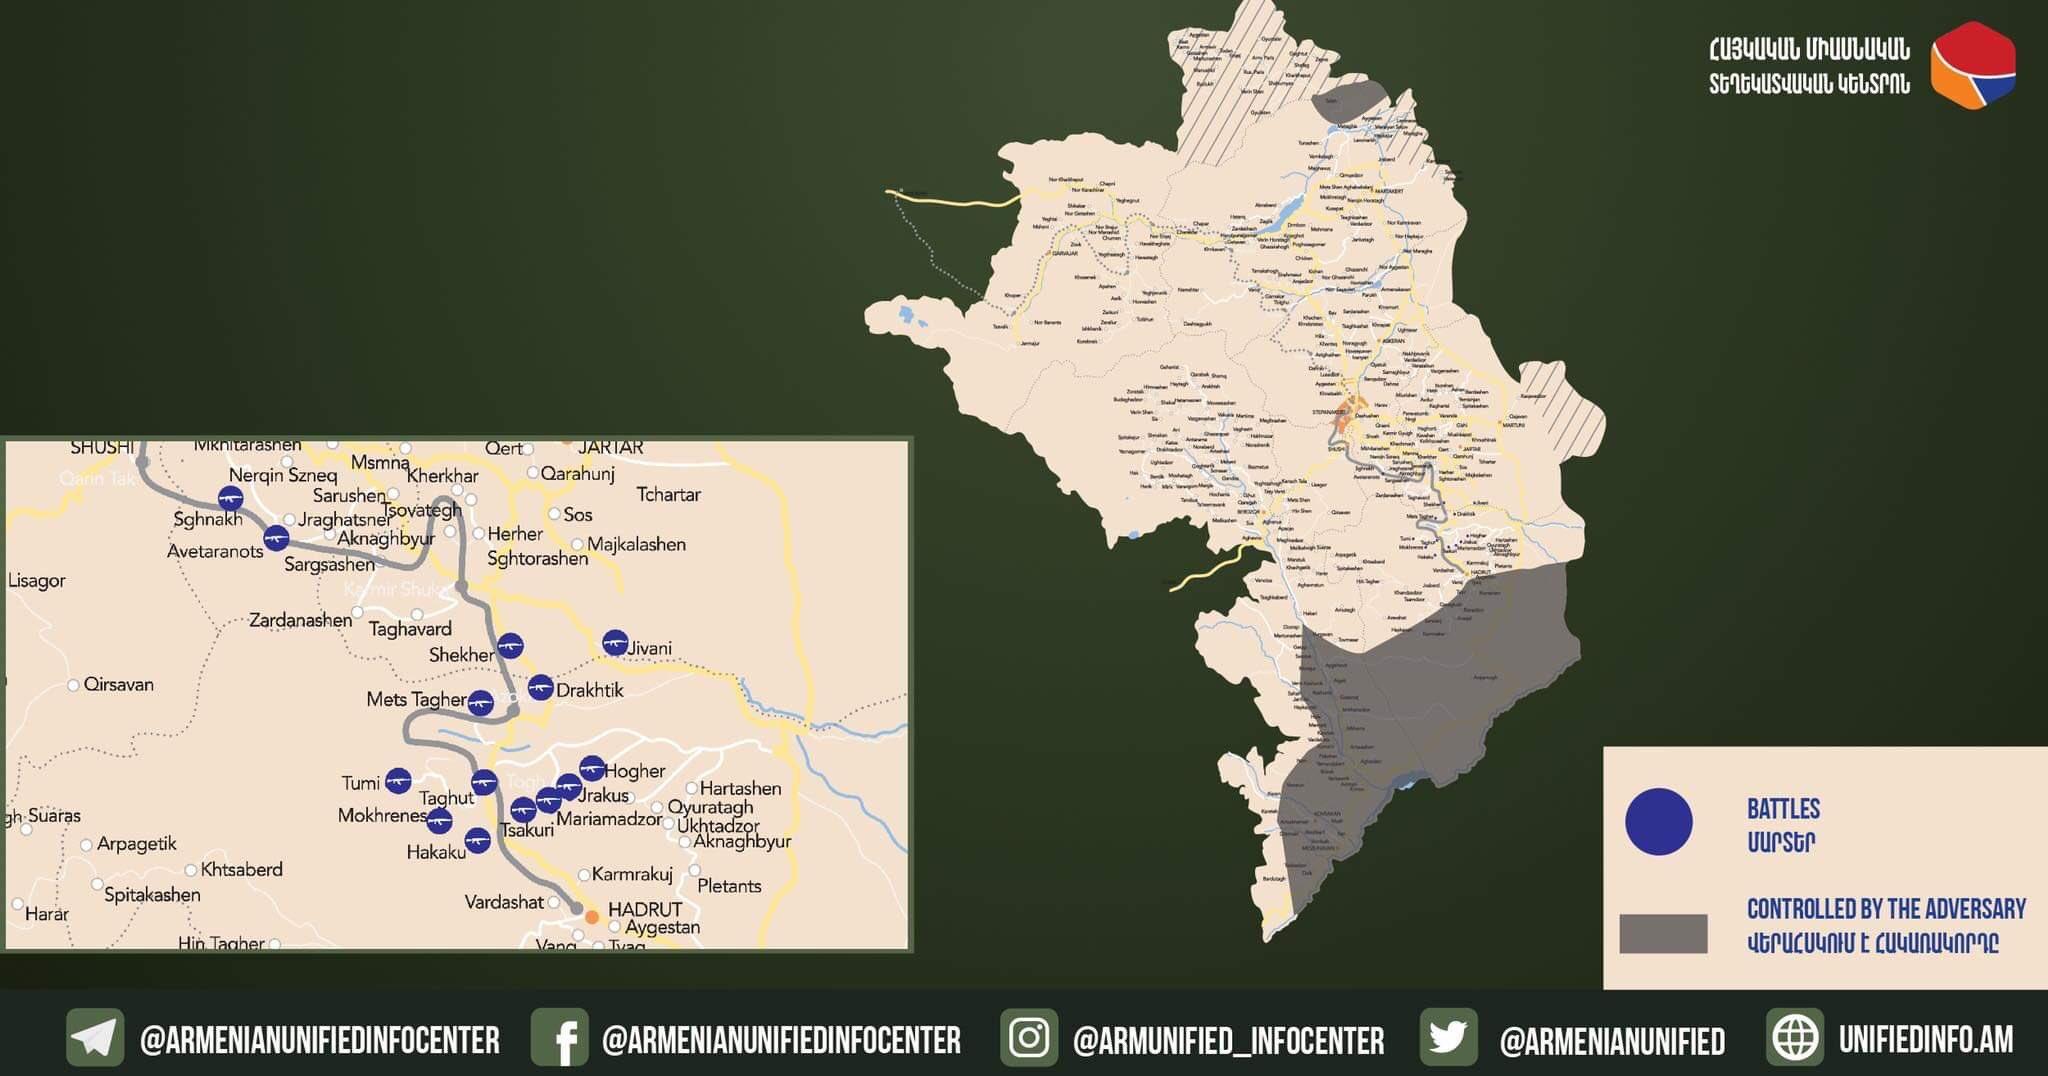 Both Armenia & Azerbaijan Claimed Advance in Nagorno-Karabakh